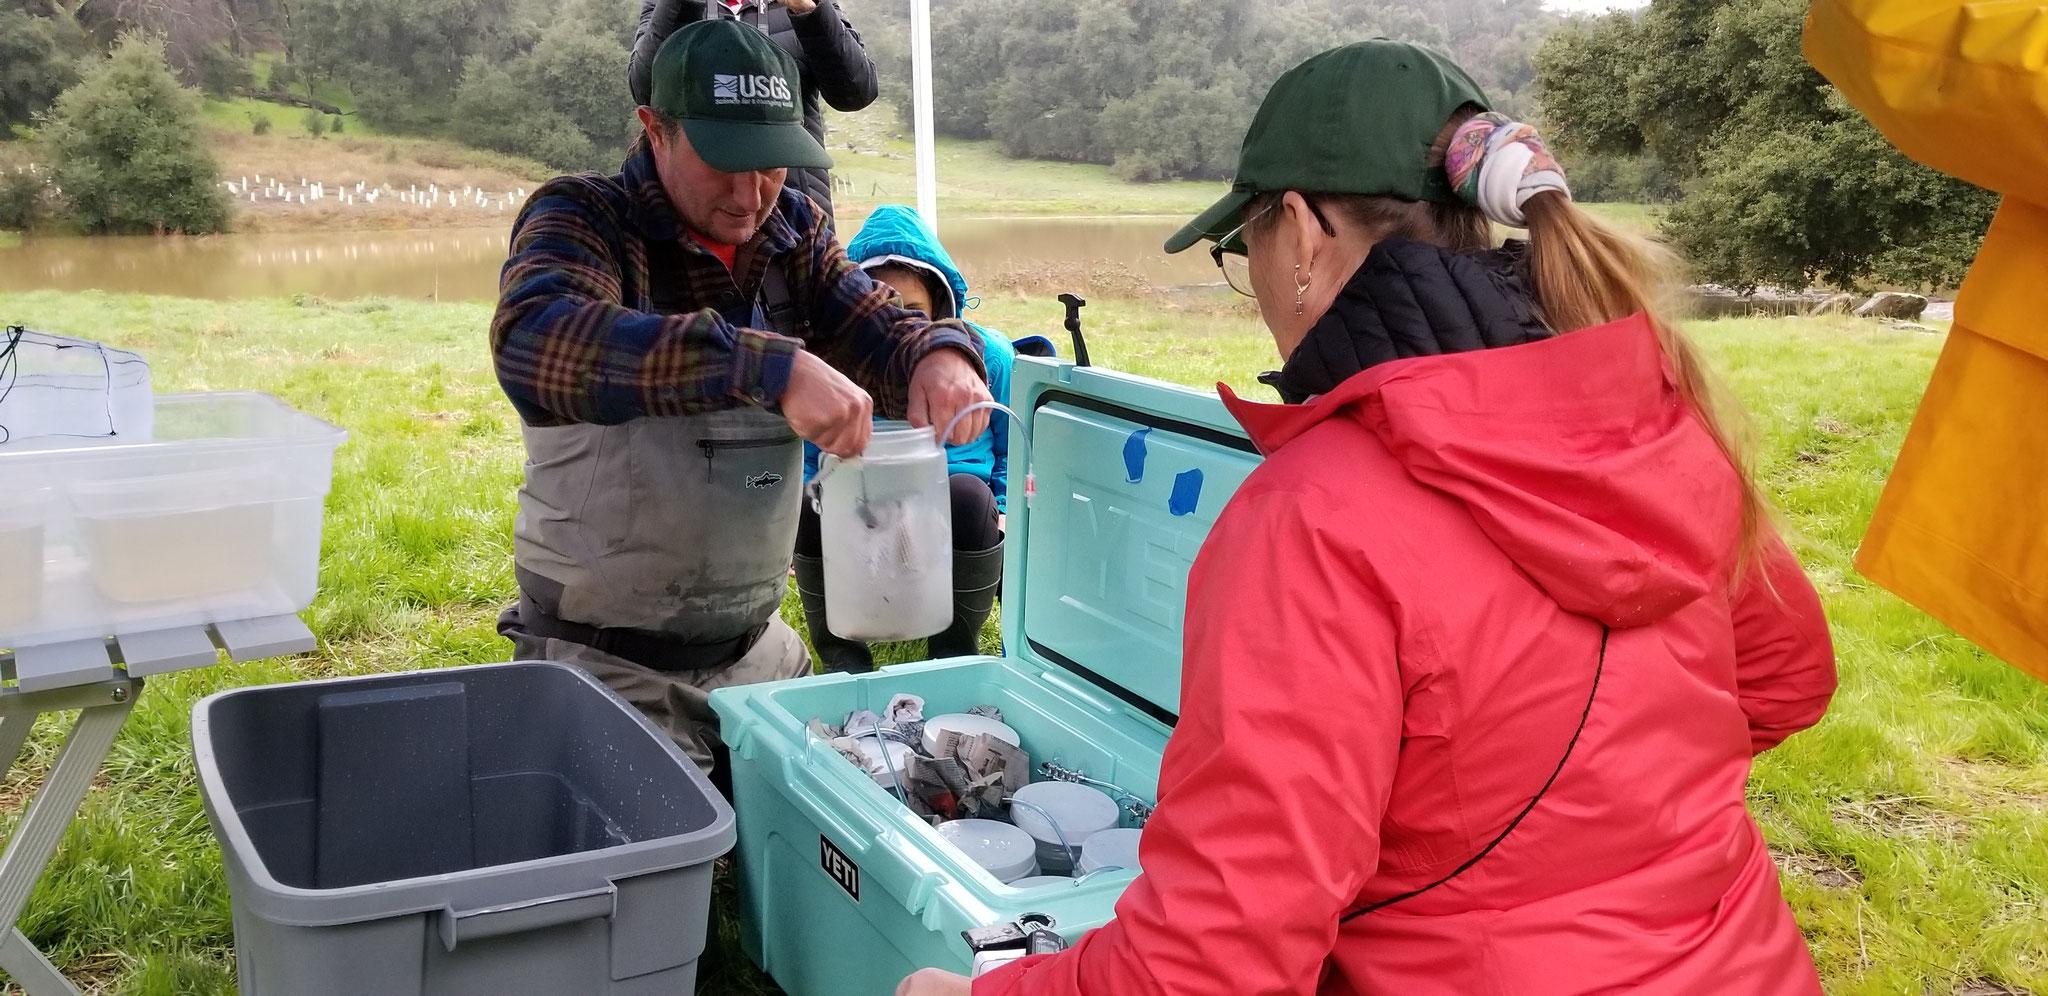 Biólogos de la USGS en California recibiendo las masas de huevo en los sitios de reintroducción